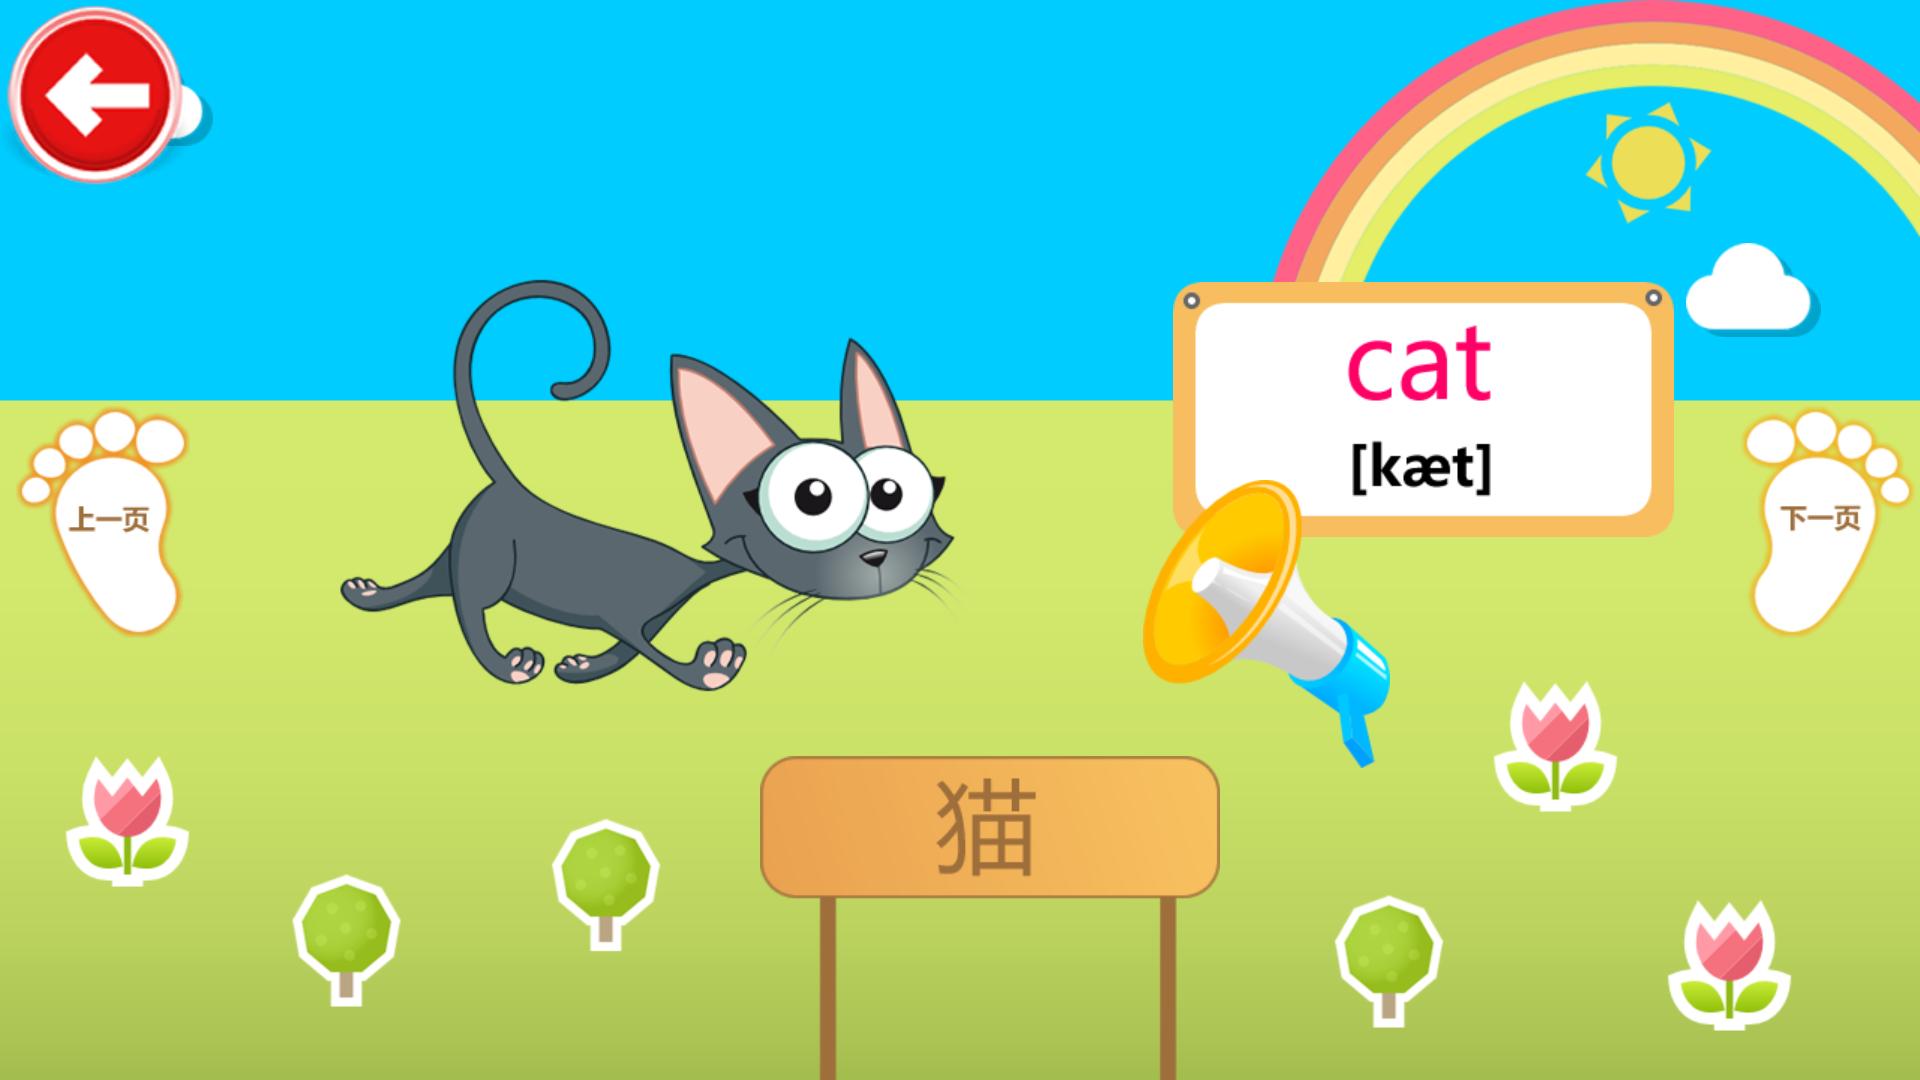 此应用拥有家庭篇,数字篇,交通篇,动物篇和颜色篇五个英语单词版块